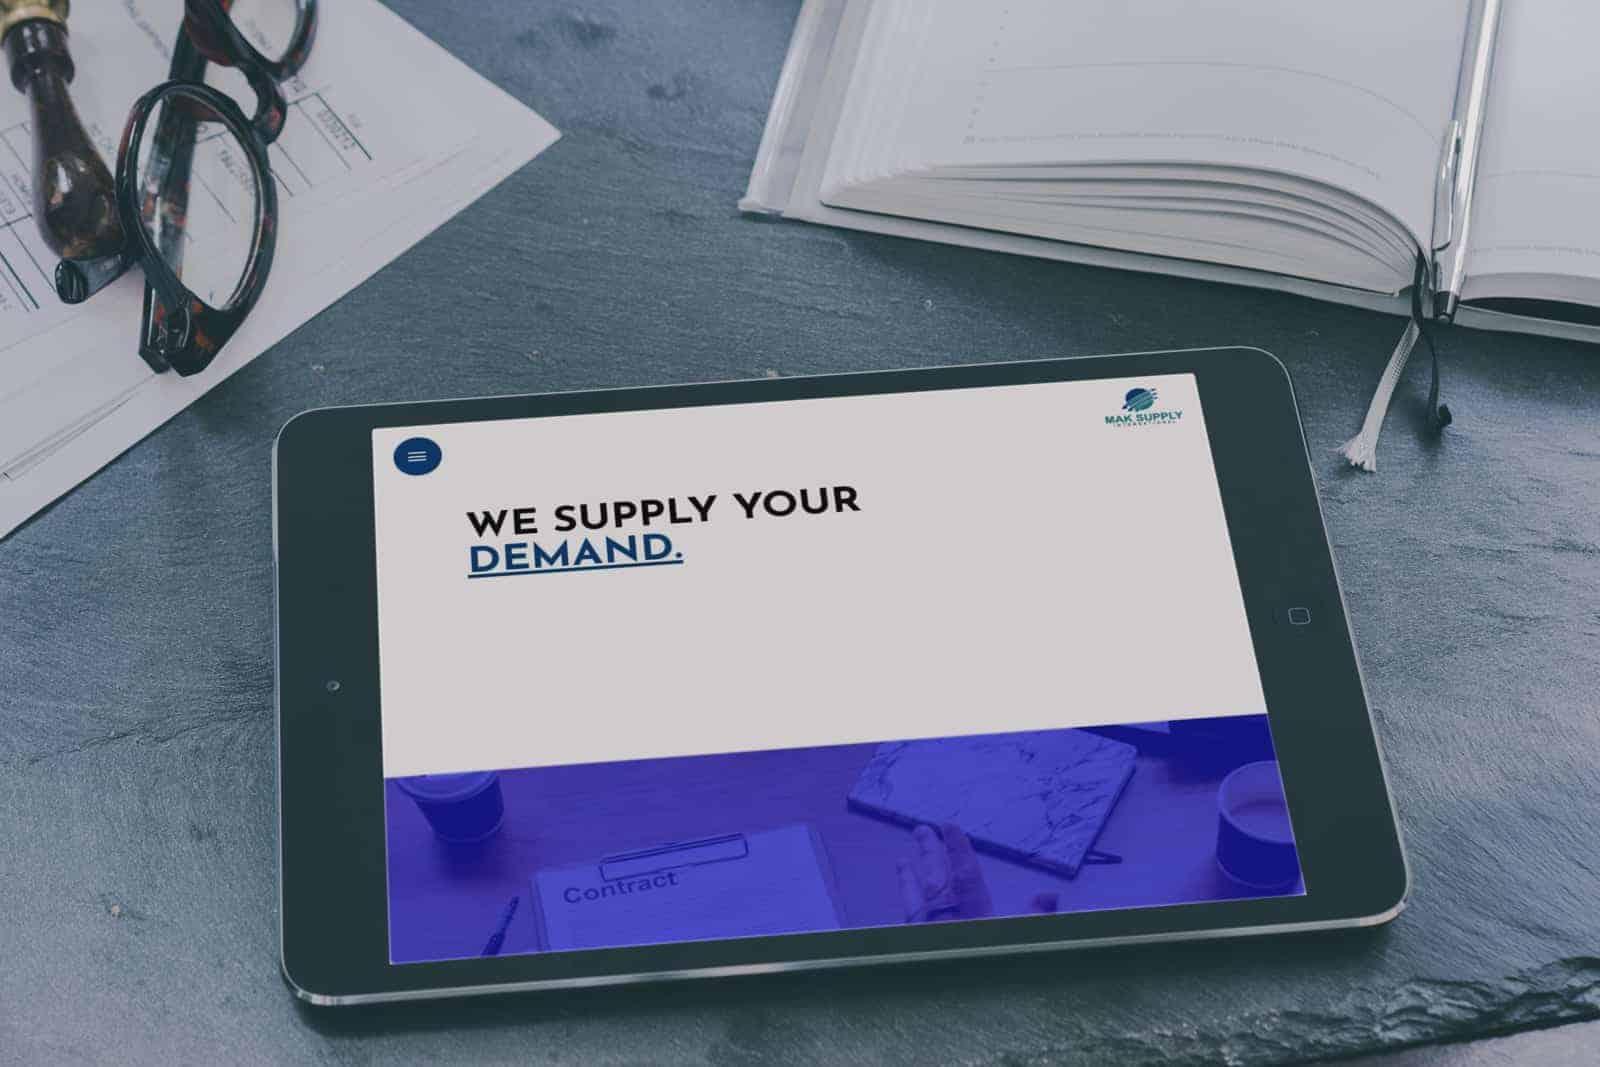 صورة لموقع شركة تجارية - شركة تصميم مواقع - تصميم موقع تجاري - تصميم موقع شركة